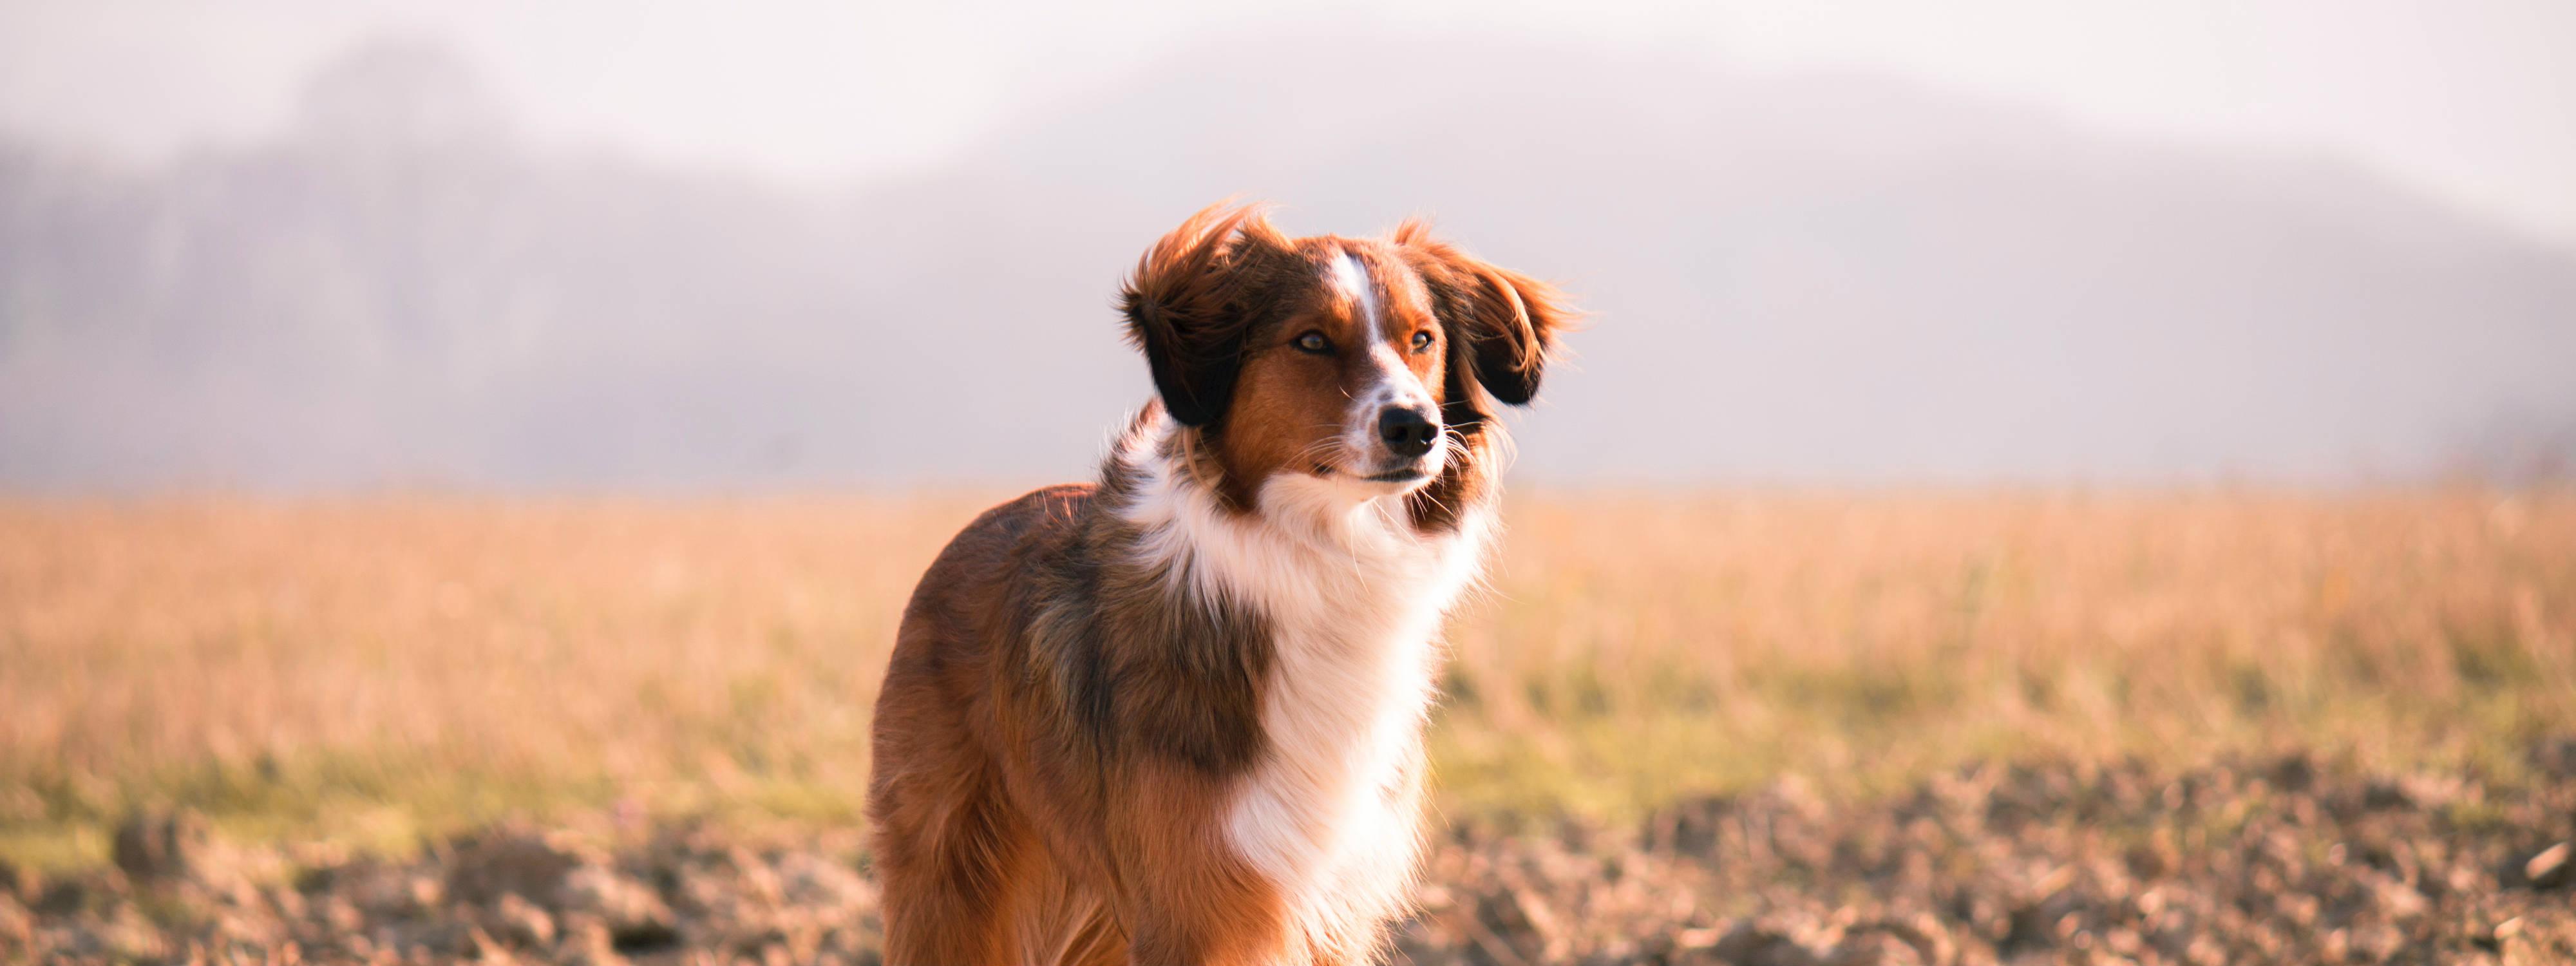 Die 7 besten Hunde-Versicherungen 2019: Ein Lassie schaut in die Ferne